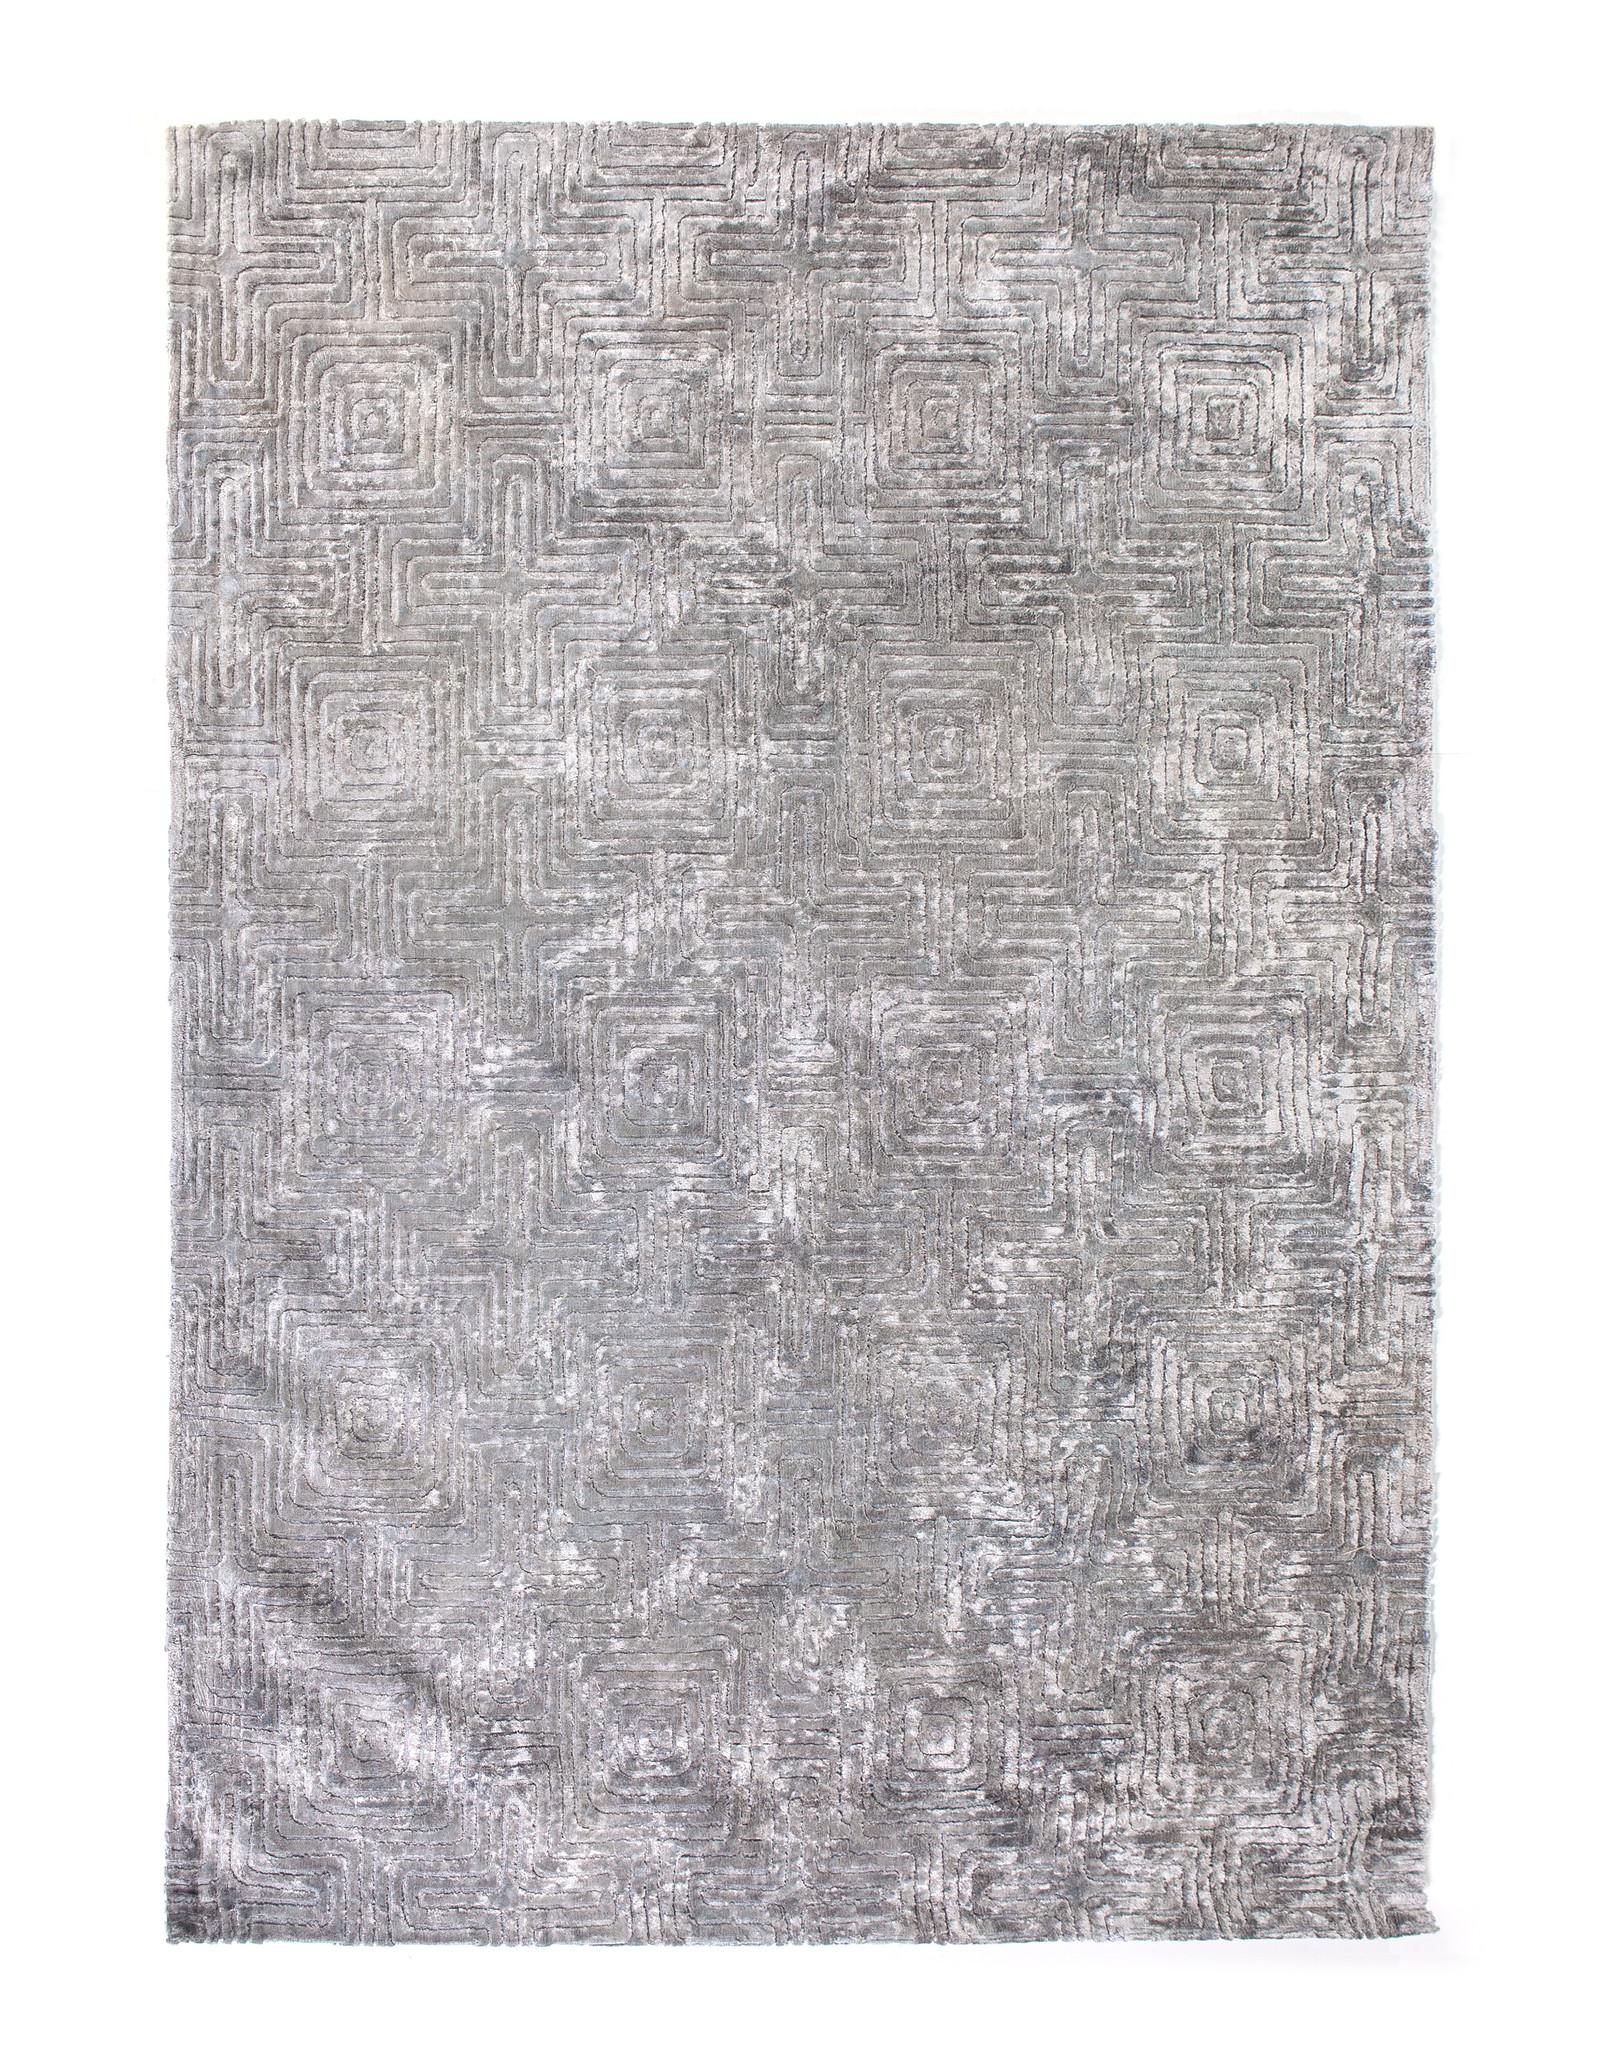 Vloerkleed Viscose 160 x 230 cm - Grijs